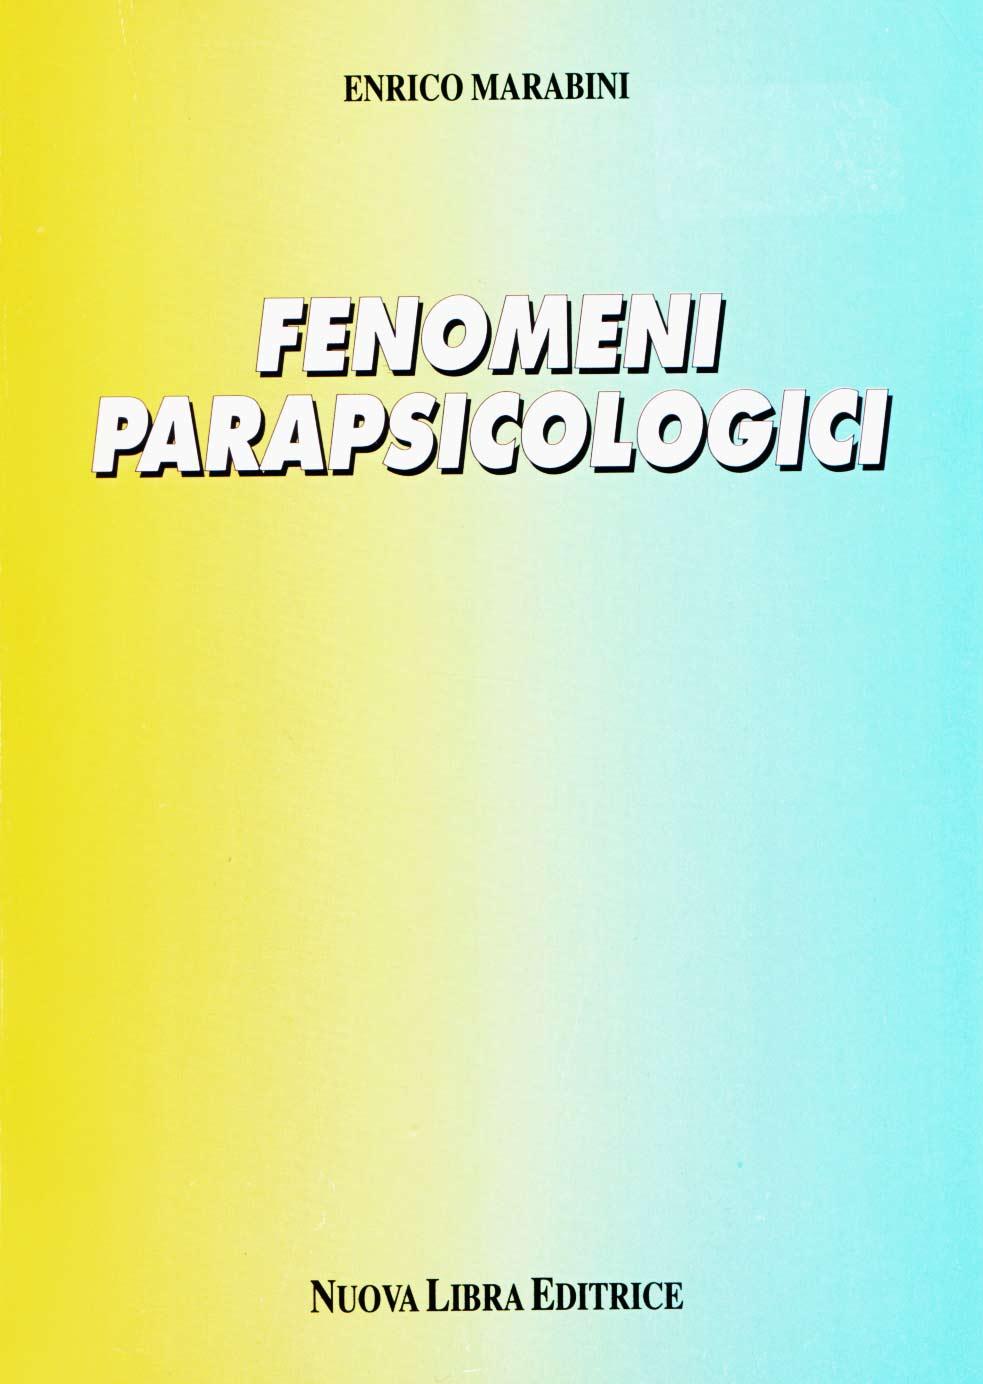 Fenomeni parapsicologici